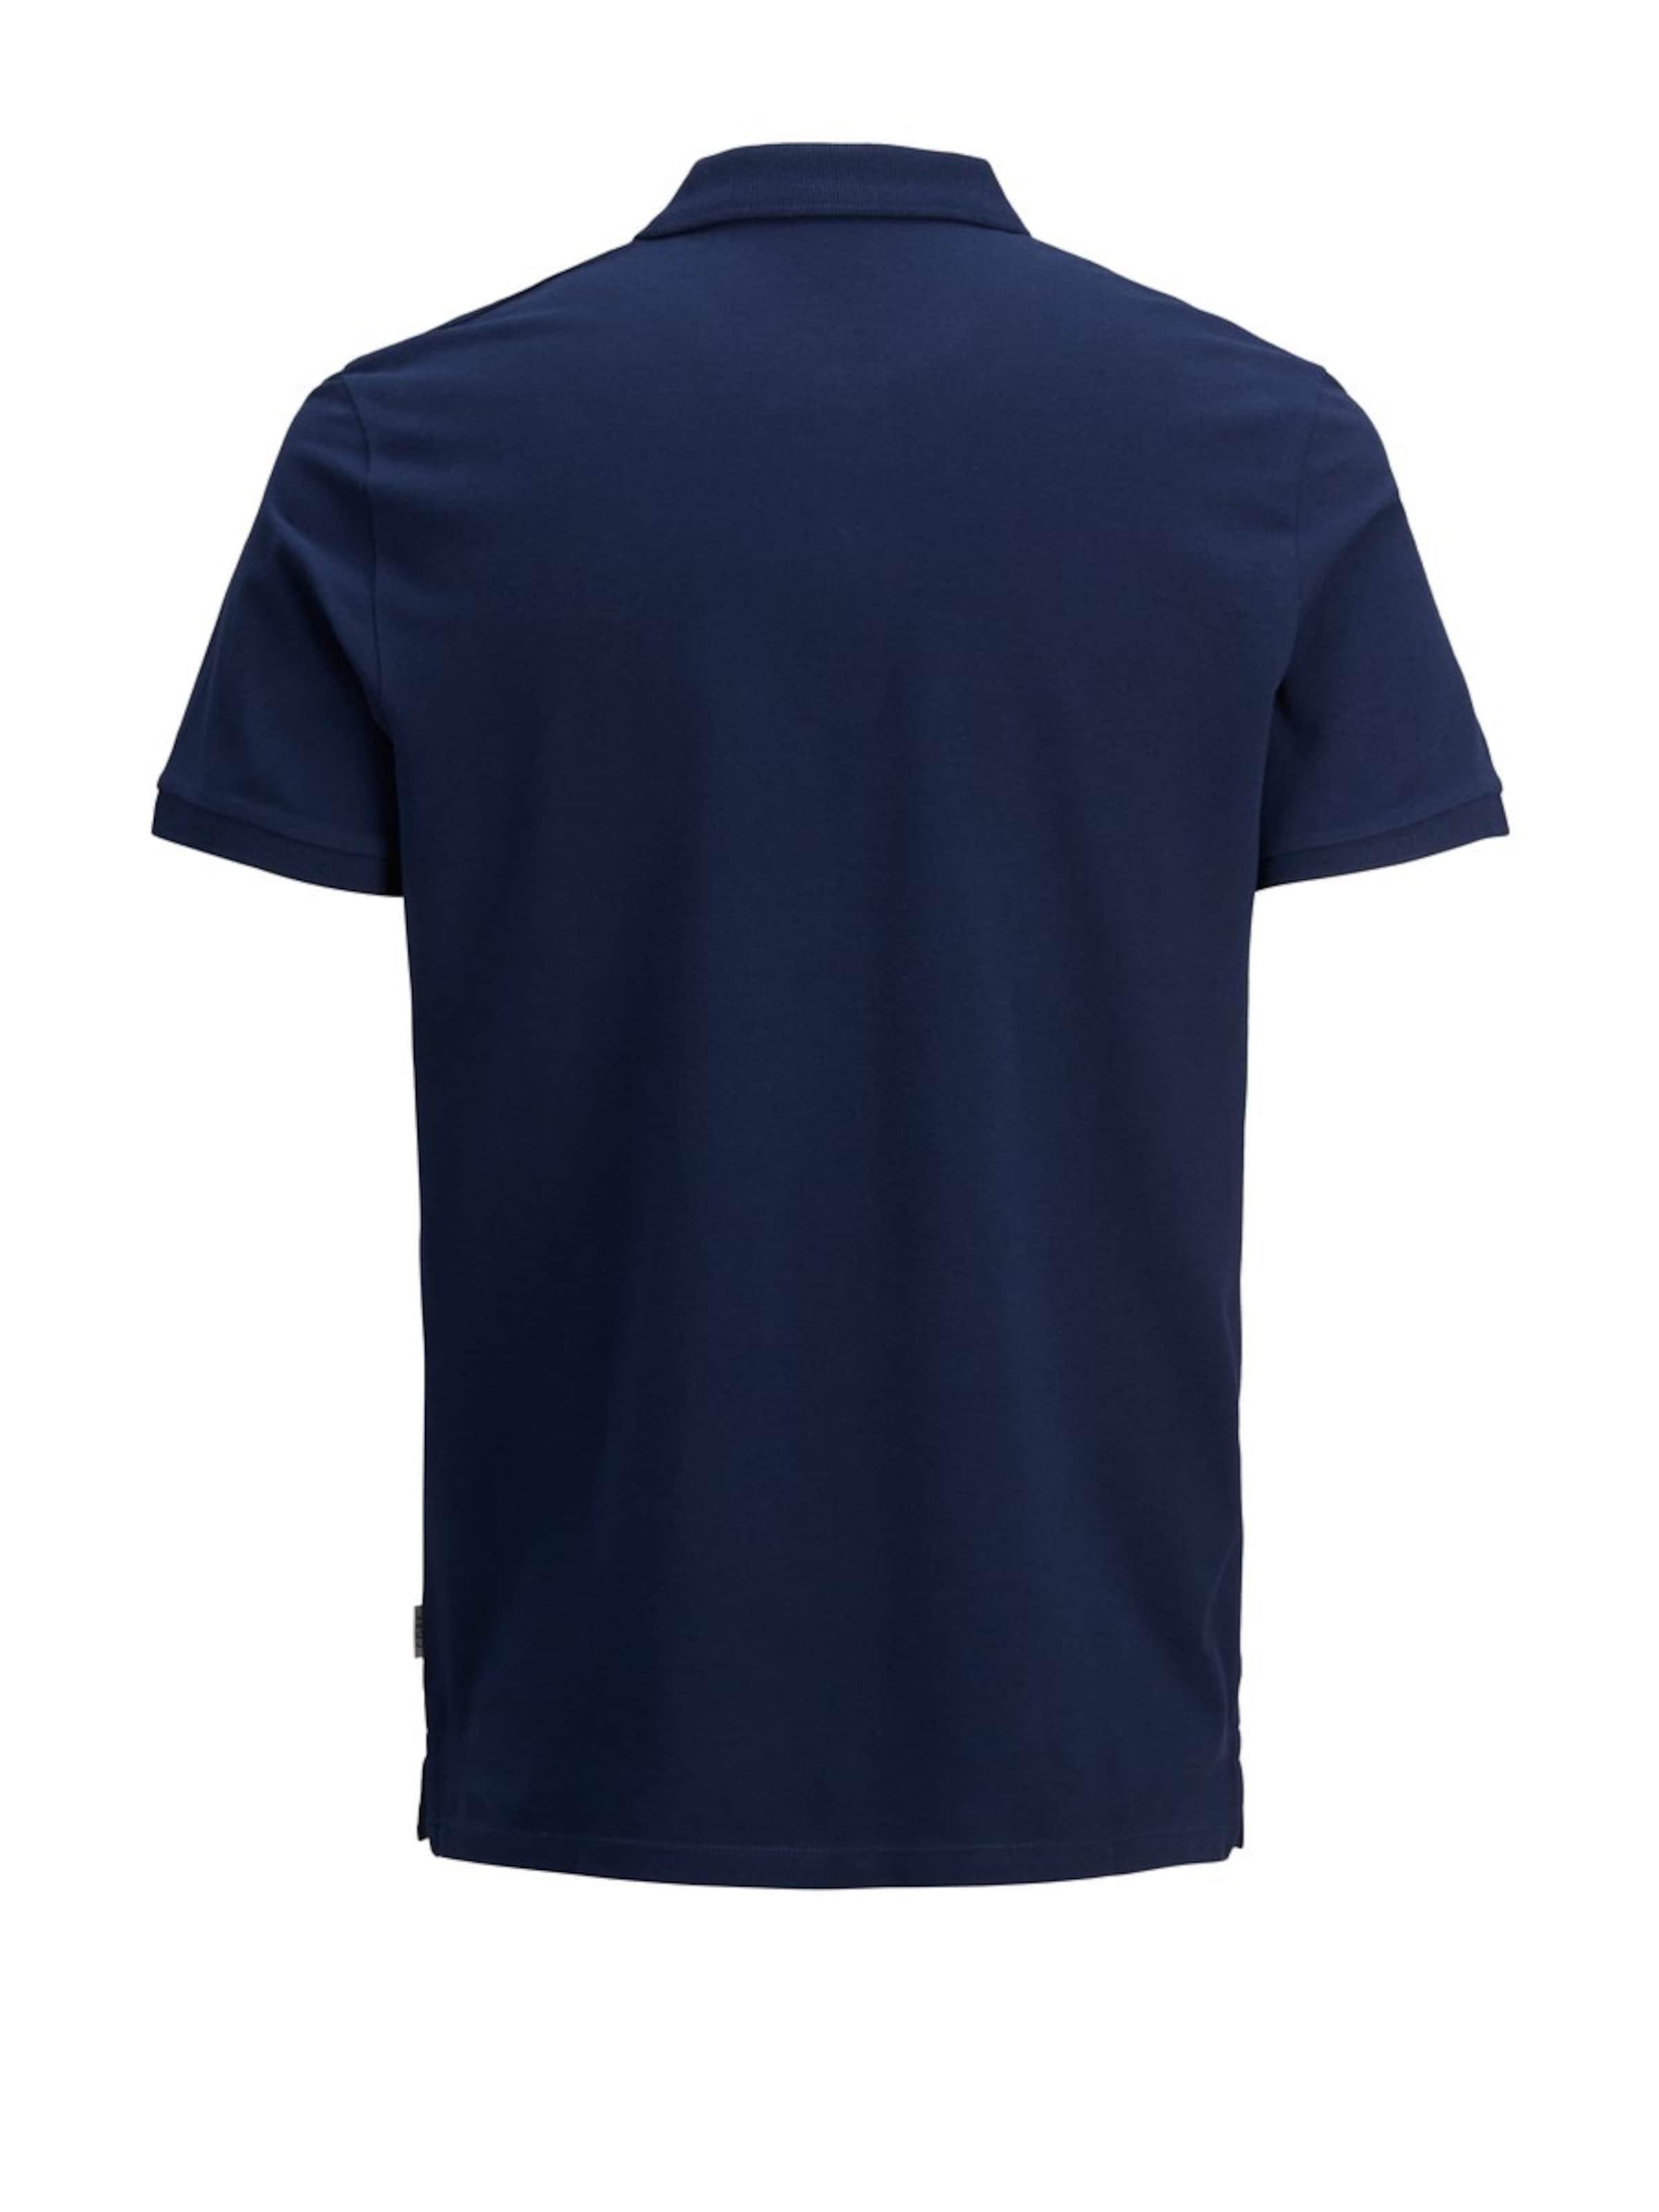 Jones MarineLimone In Jackamp; Jones Poloshirt Jackamp; JTKFlc13